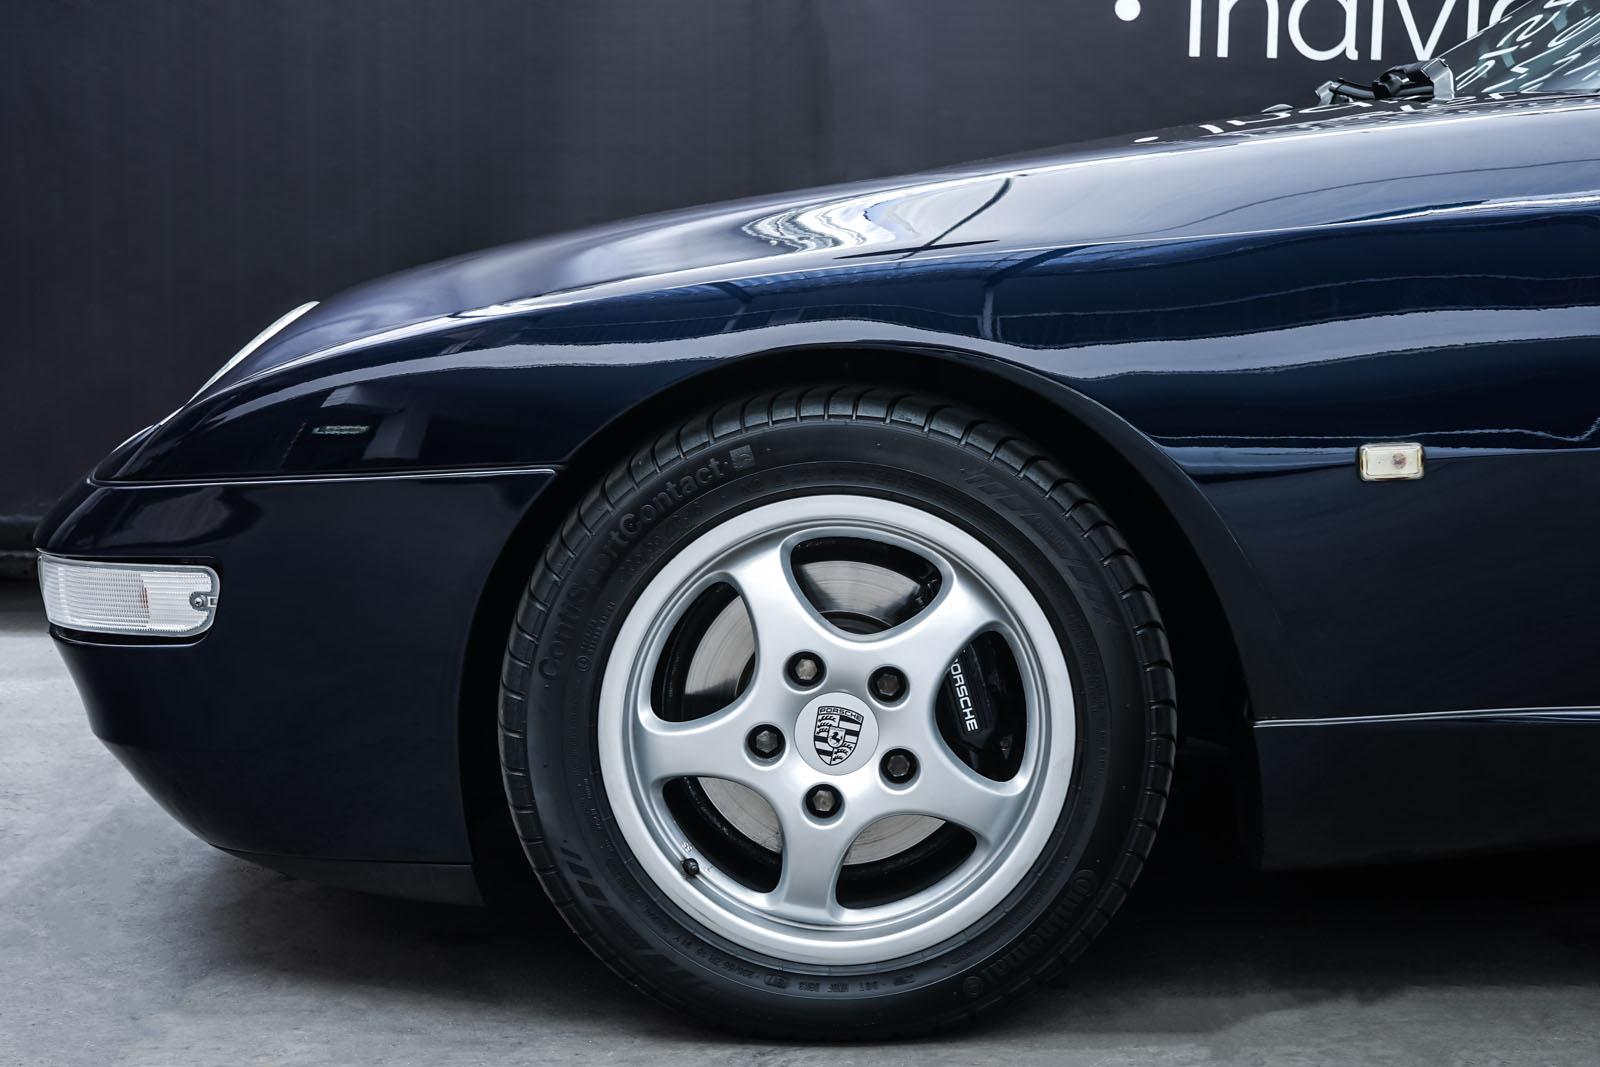 Porsche_968_Blau_Blau_POR-1736_3_w